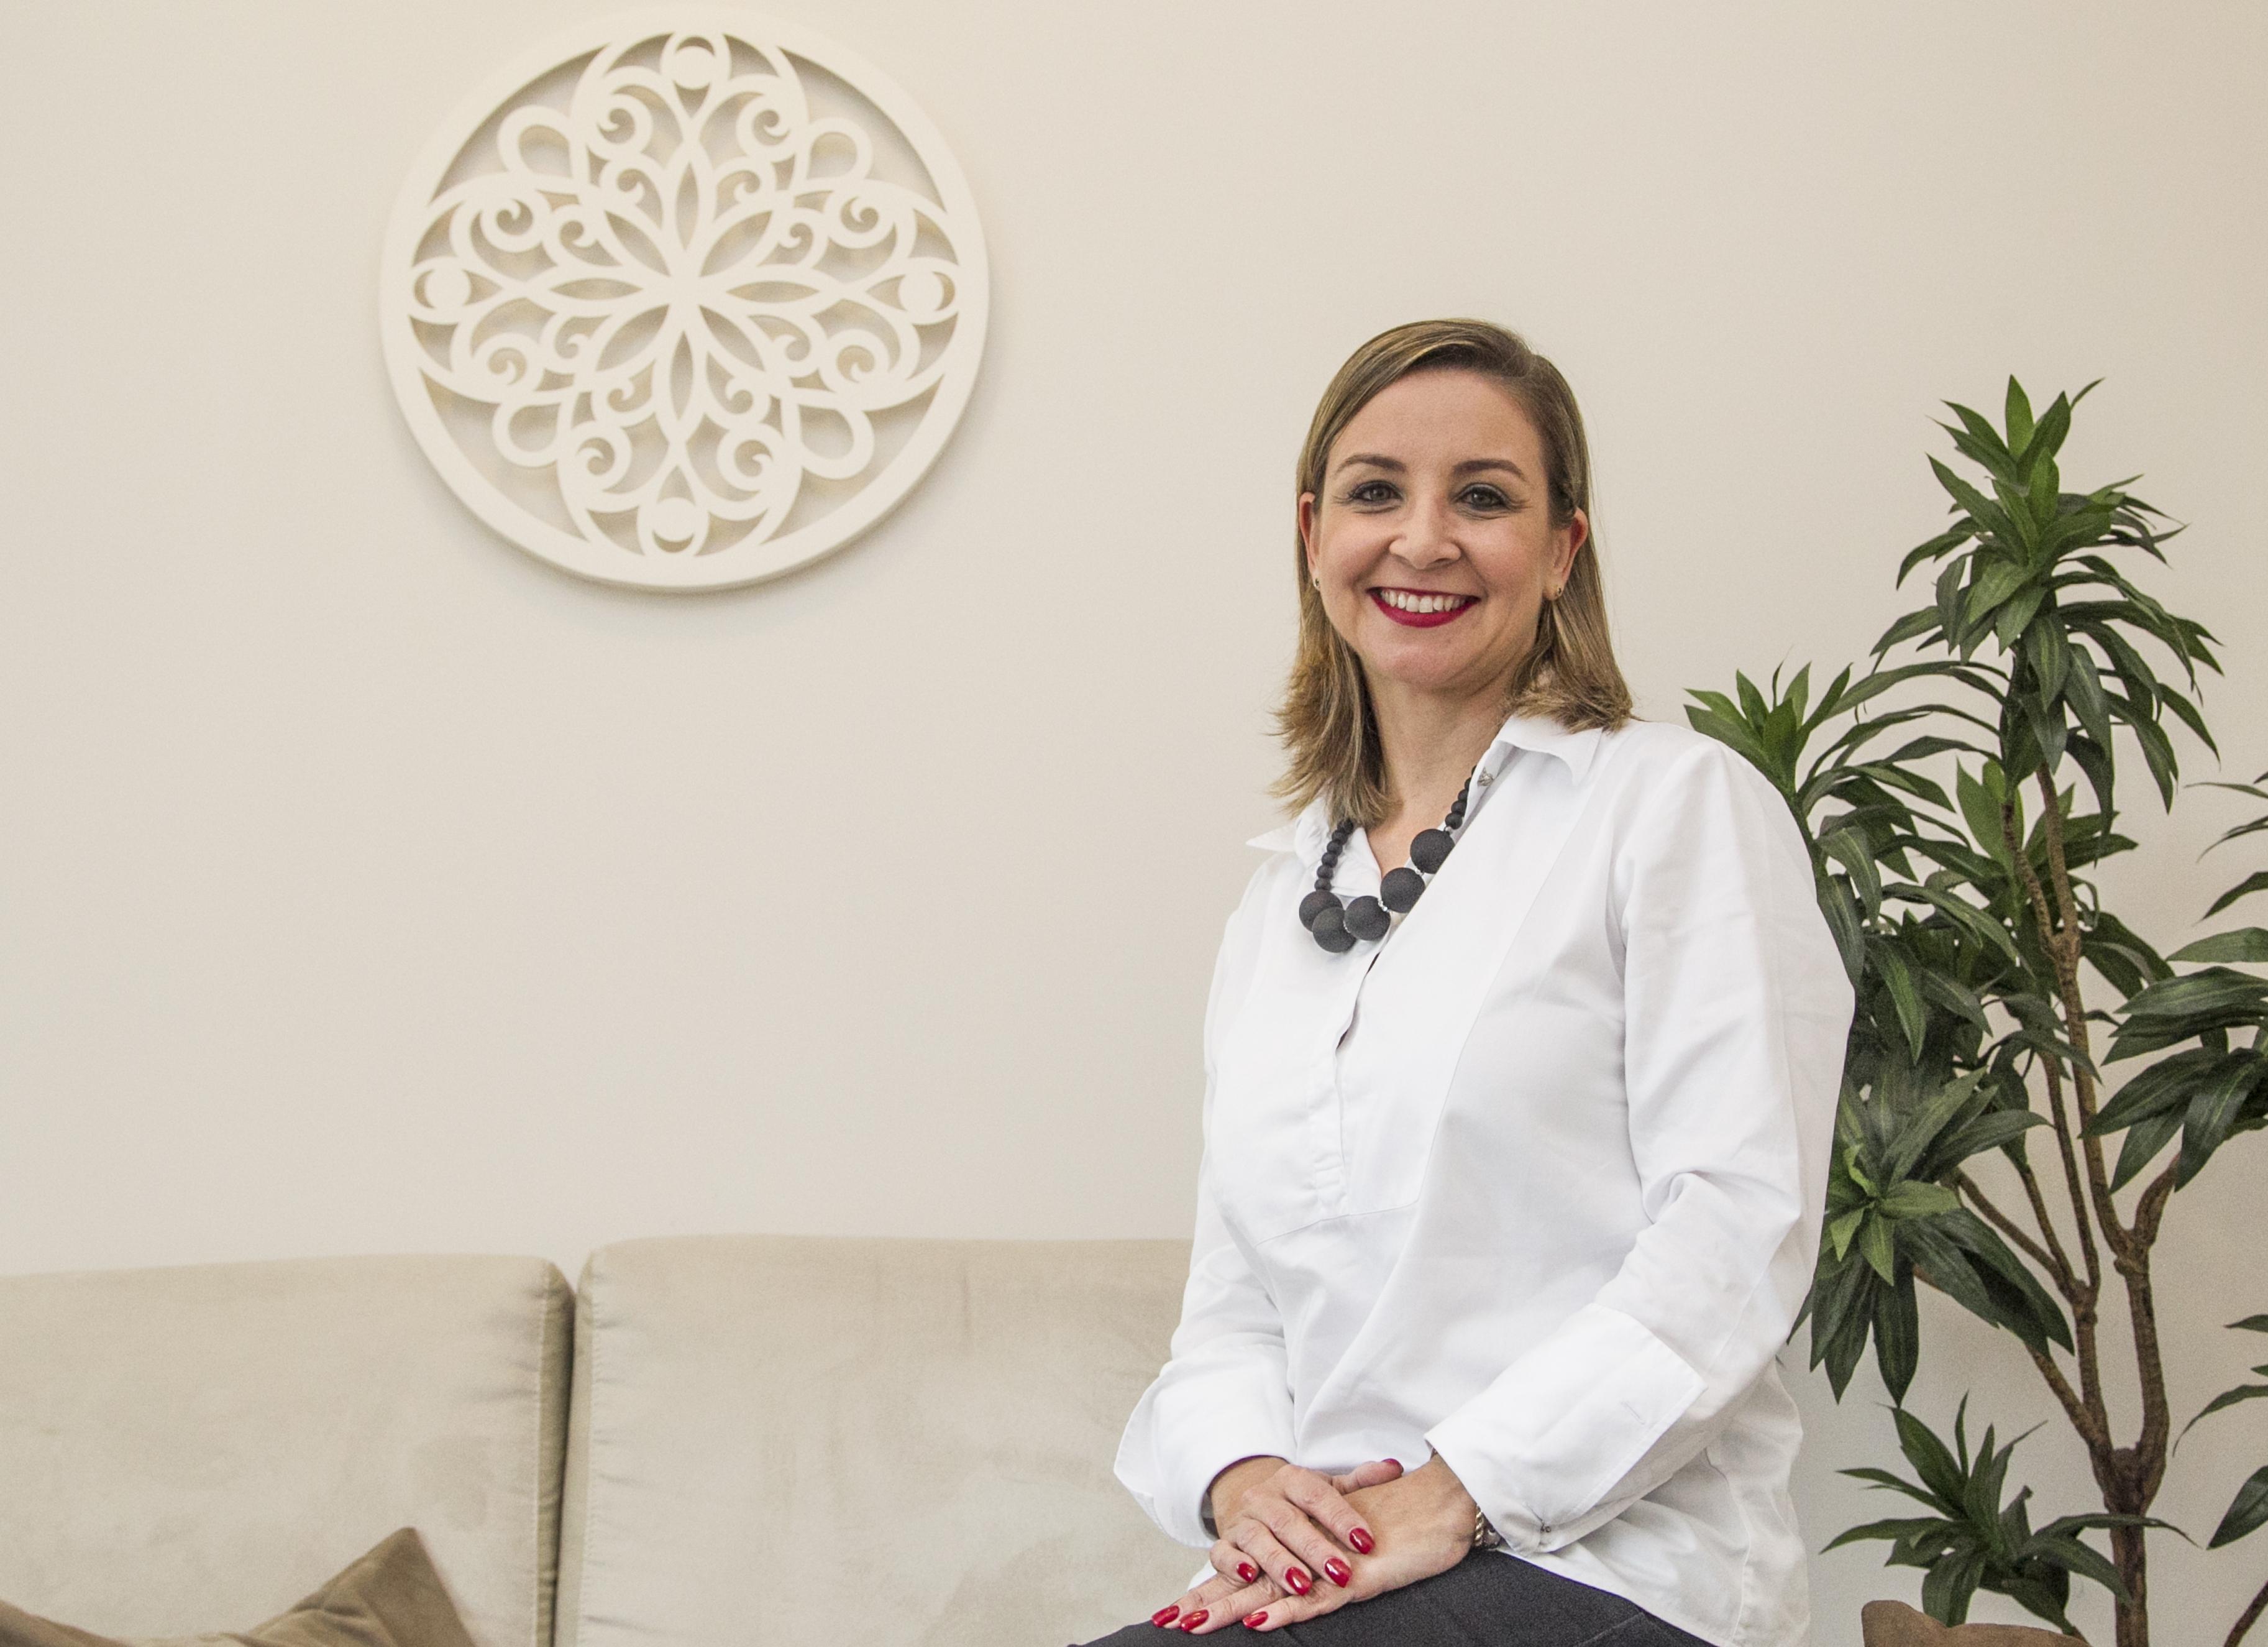 Para a pediatra e psicóloga Catarina Costa Marques, o ideal é que crianças de até dois anos não tenham contato com tecnologia - Marco Santiago/ND